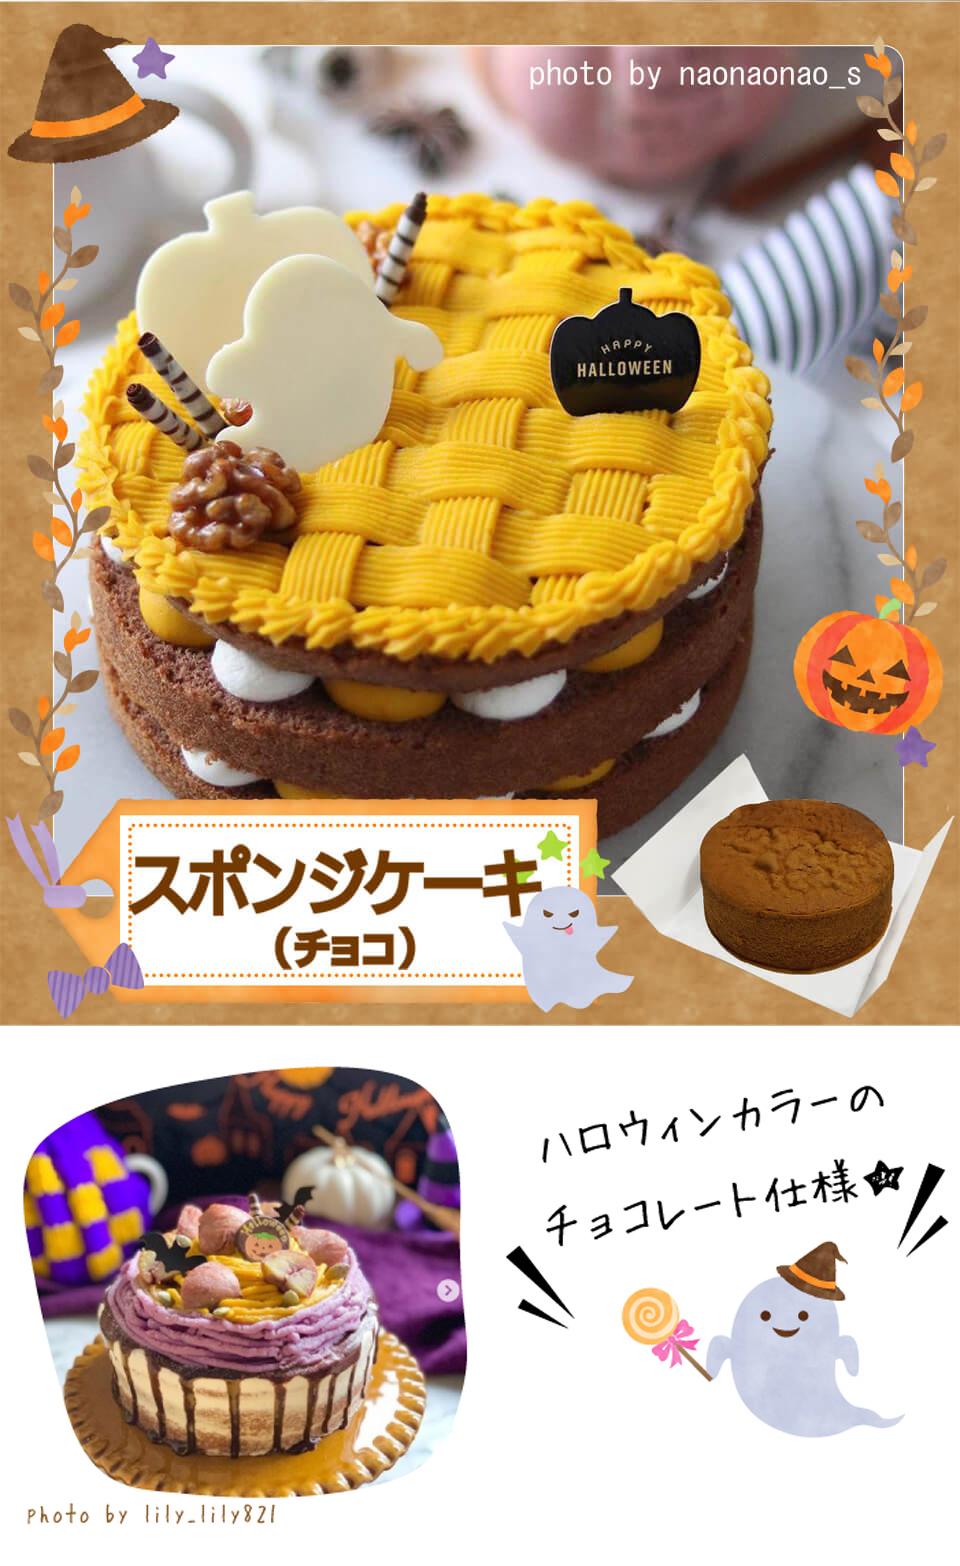 手作り ハロウィン おうち ハンドメイド ケーキ チョコ ケーキ スポンジ 製菓 材料